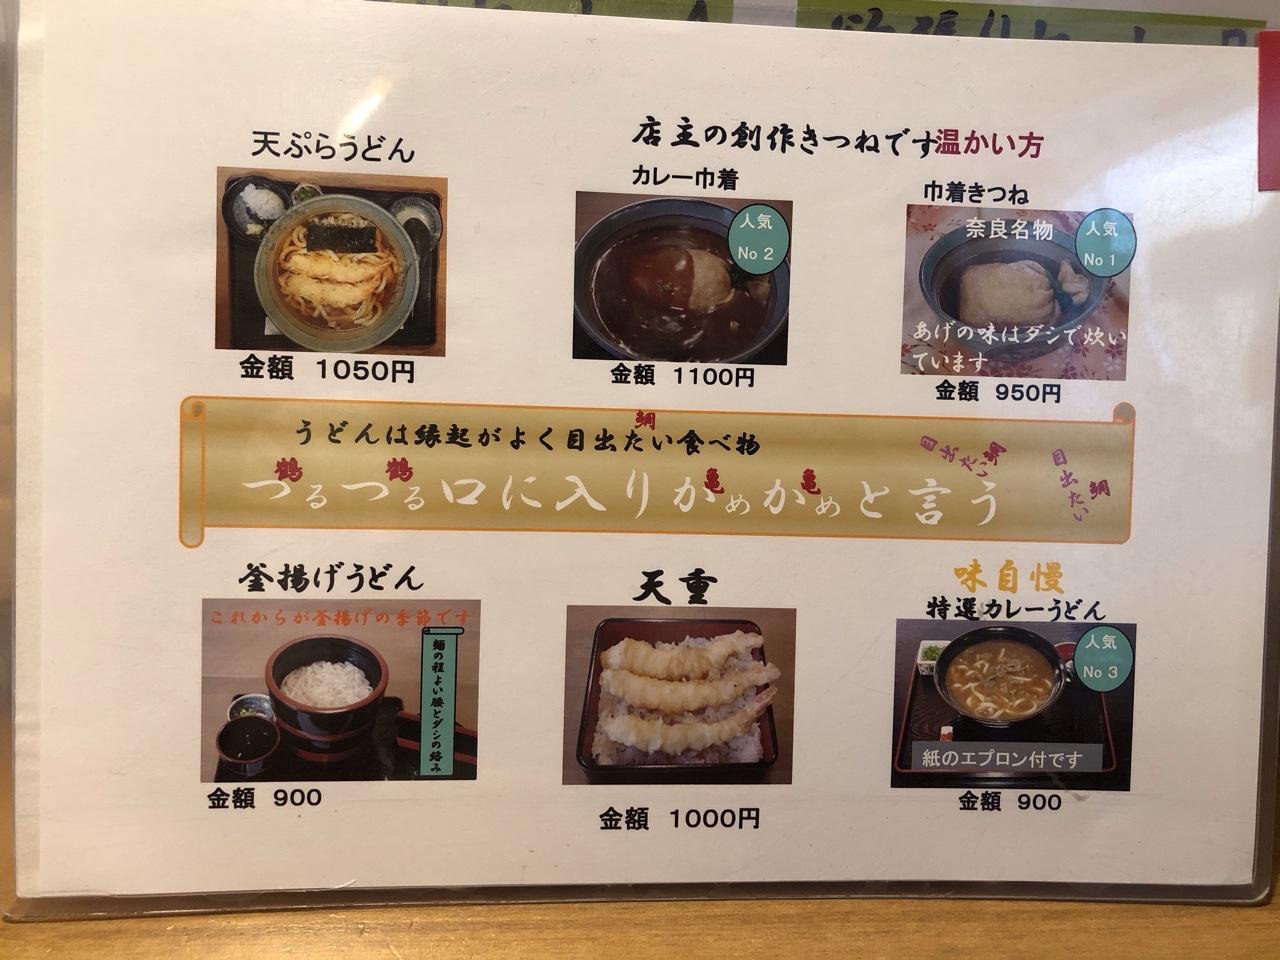 麺闘庵のうどんのメニュー表